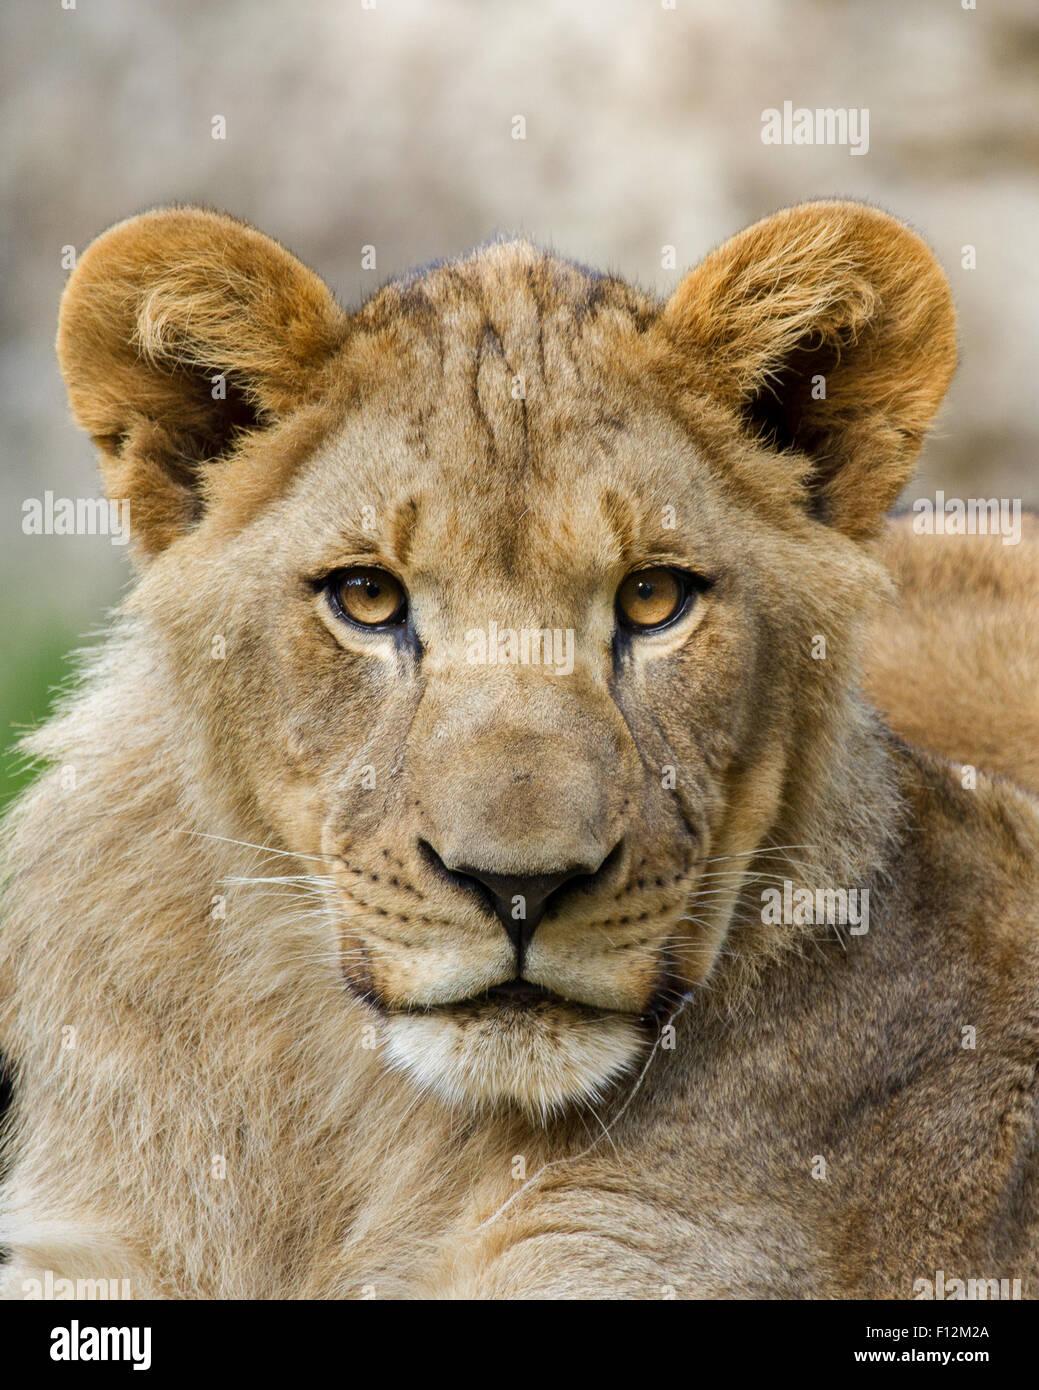 Un retrato de un león joven aproximadamente 1 año de edad. Imagen De Stock